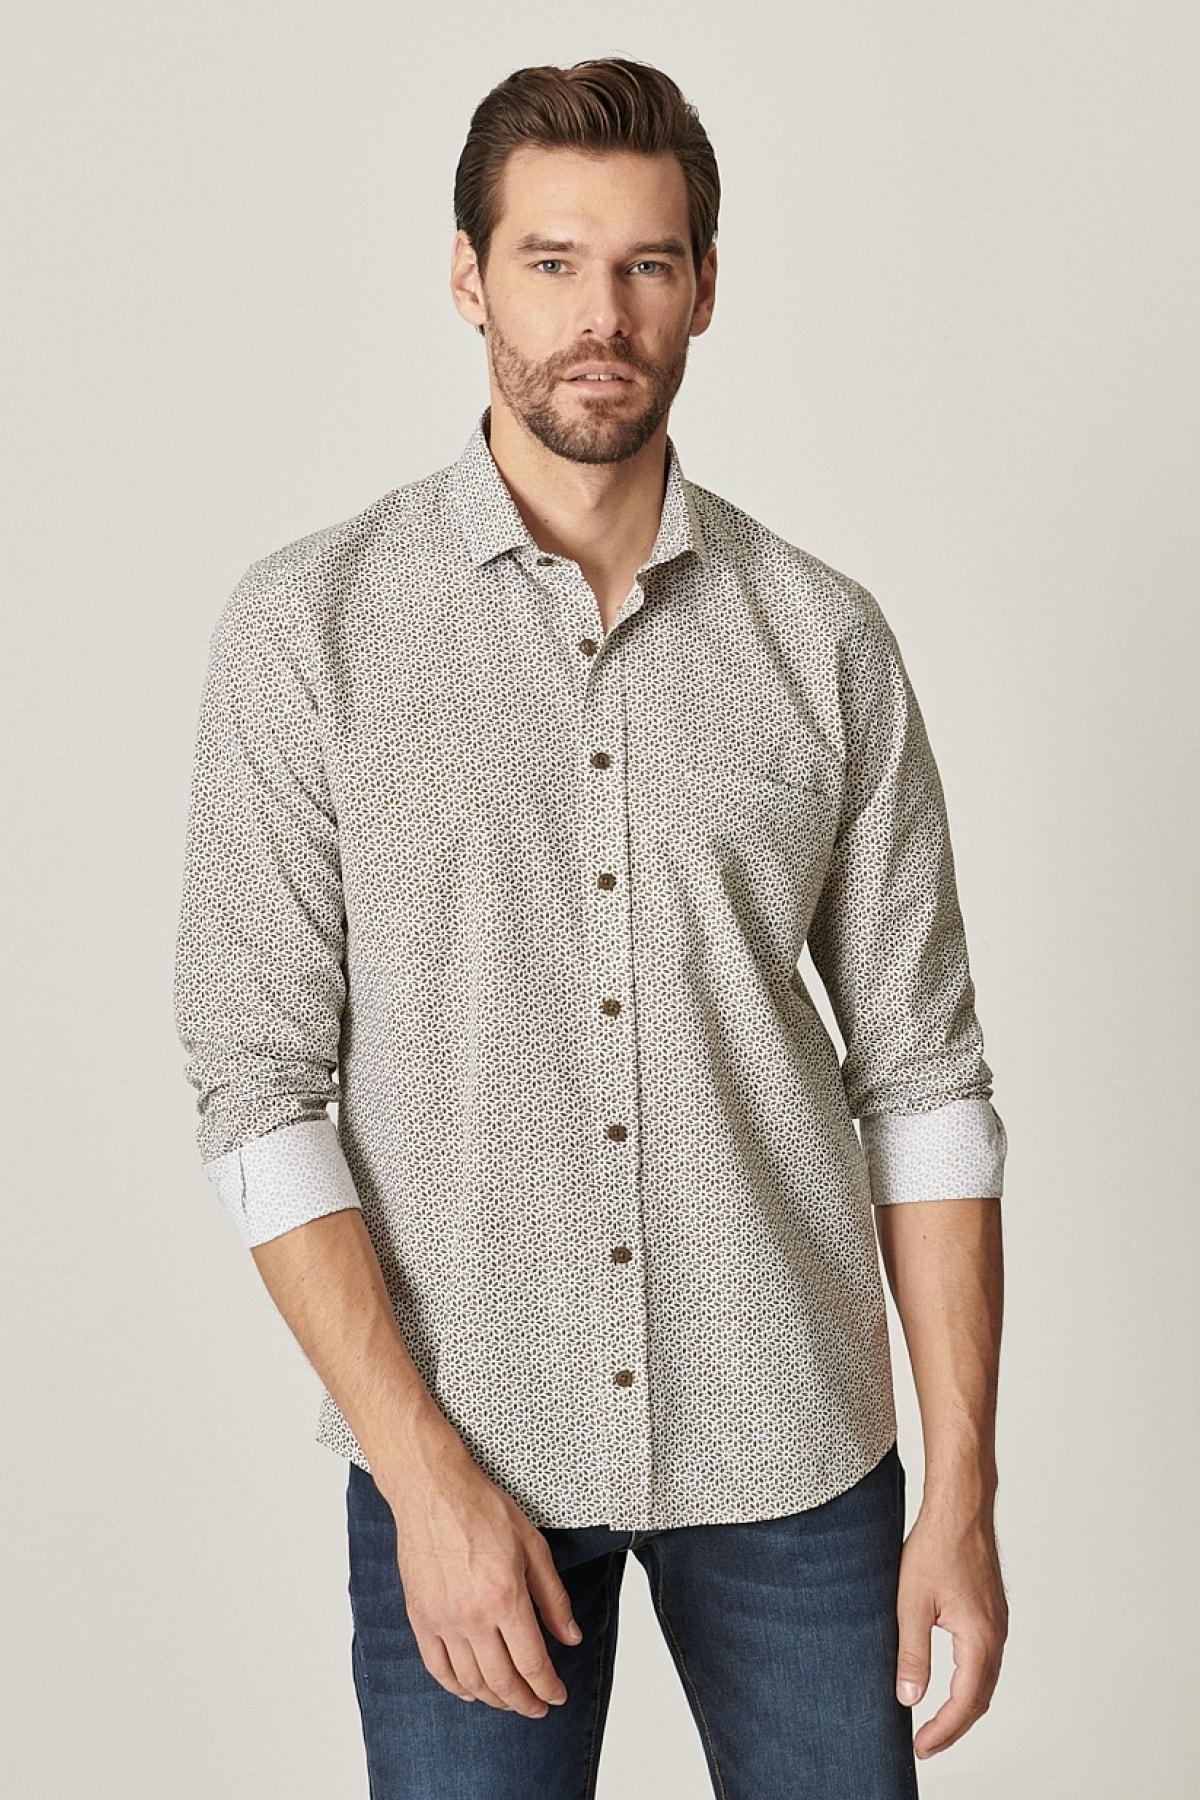 ALTINYILDIZ CLASSICS Tailored Slim Fit Dar Kesim Küçük Italyan Yaka Baskılı Gömlek 1